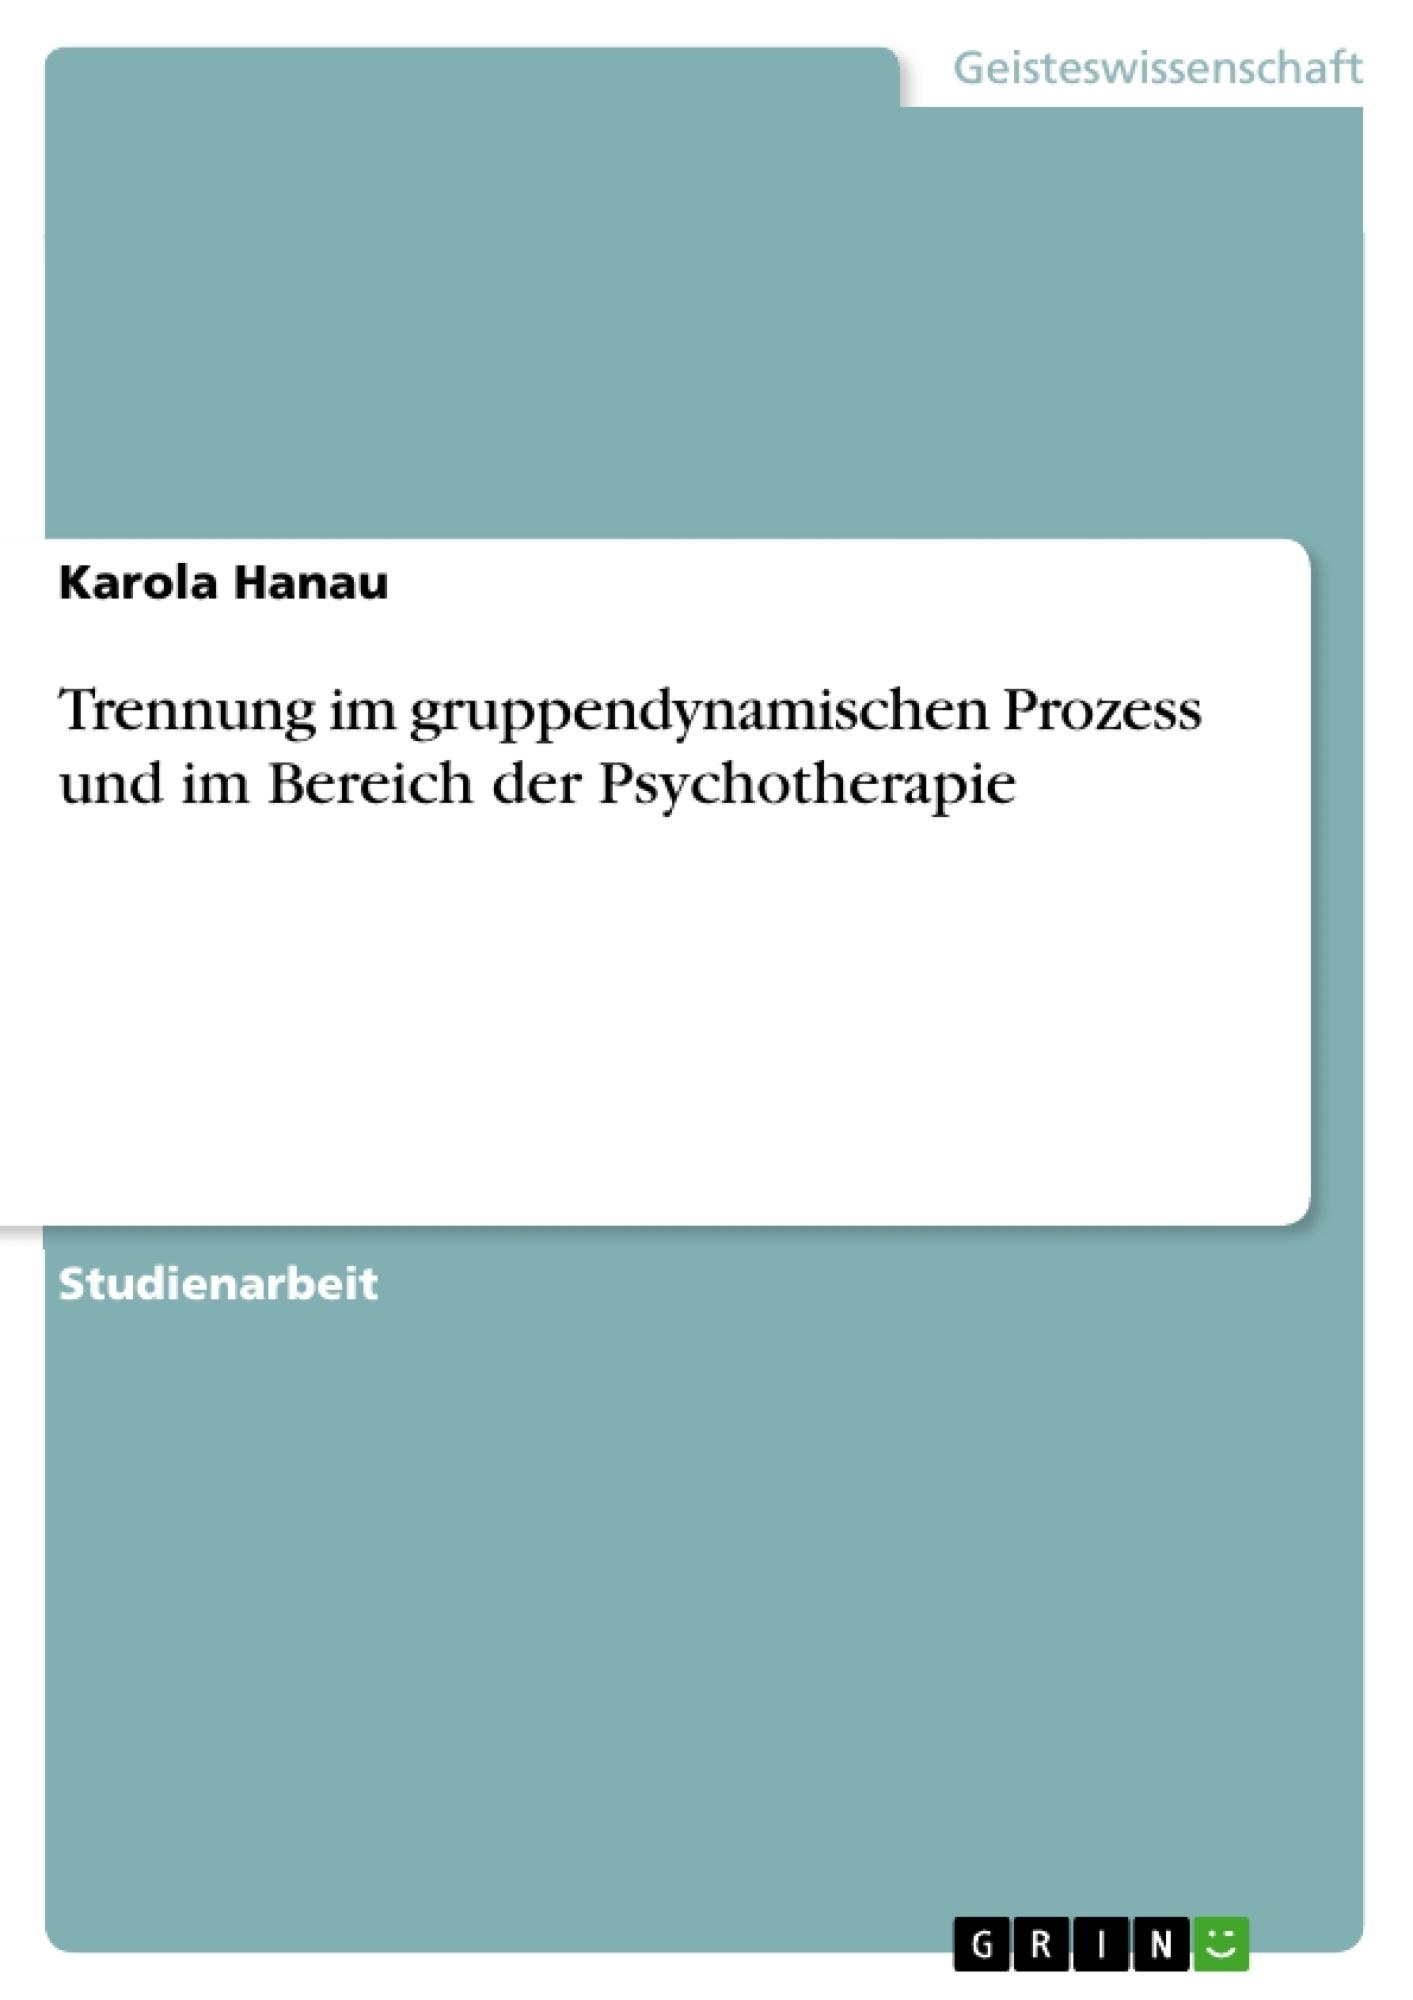 Titel: Trennung im gruppendynamischen Prozess und im Bereich der Psychotherapie